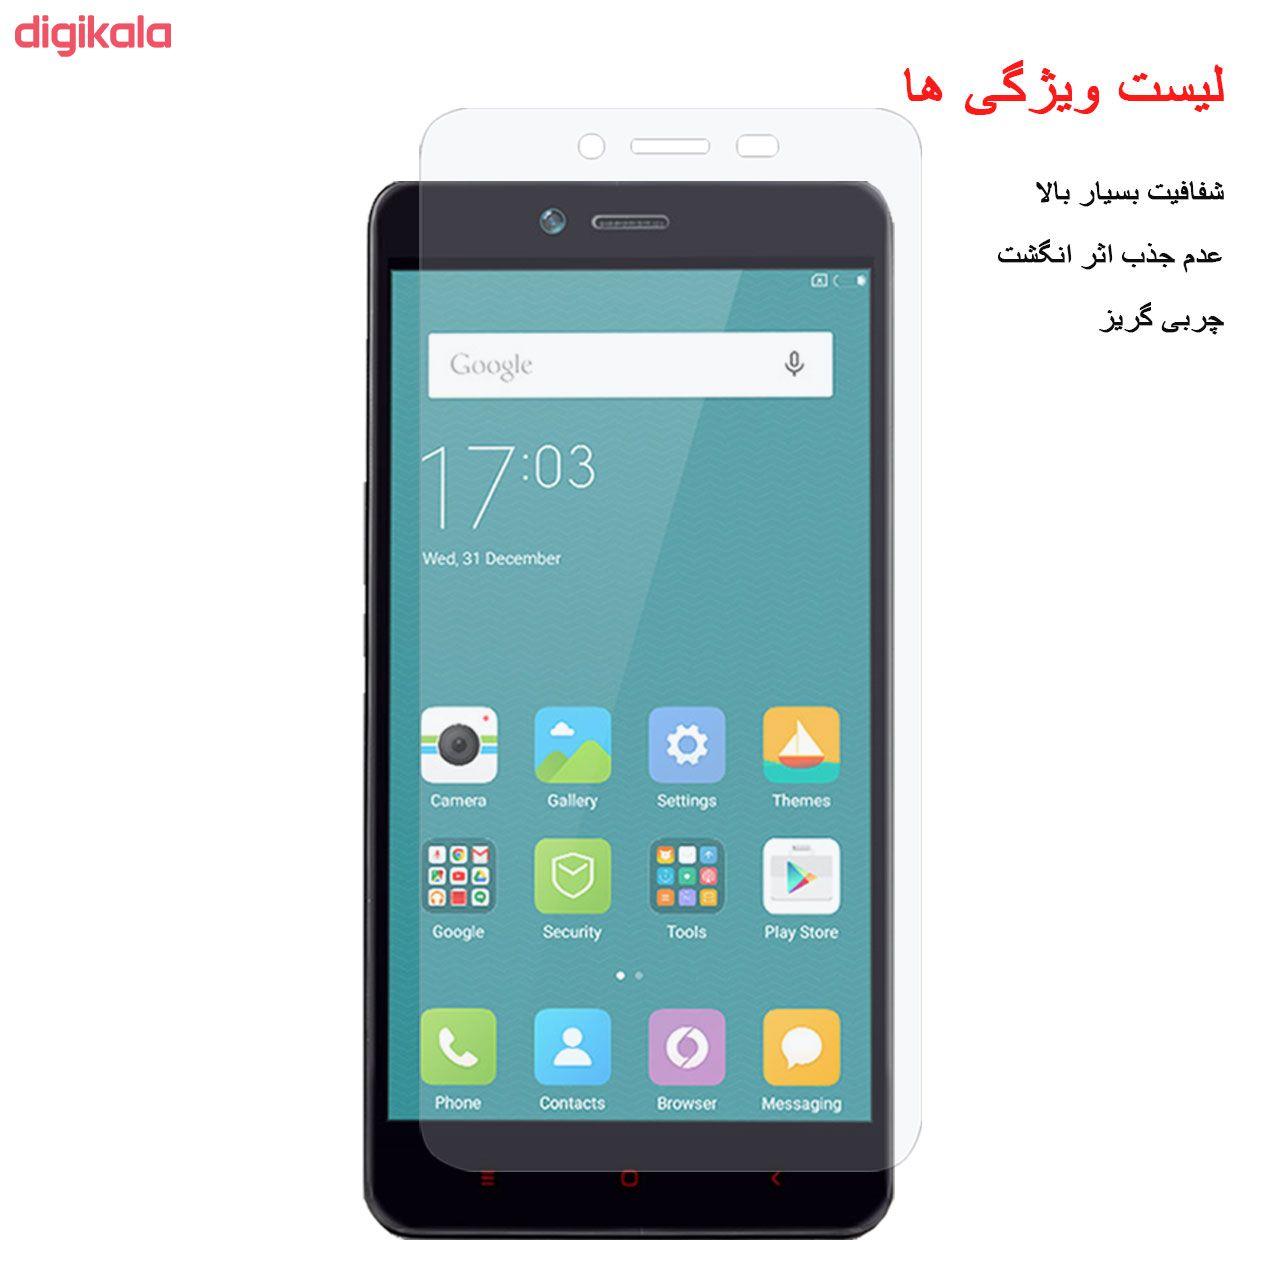 محافظ صفحه نمایش تراستکتور مدل GLS مناسب برای گوشی موبایل شیائومی Redmi Note 2 / Redmi Note 2 Prime main 1 3